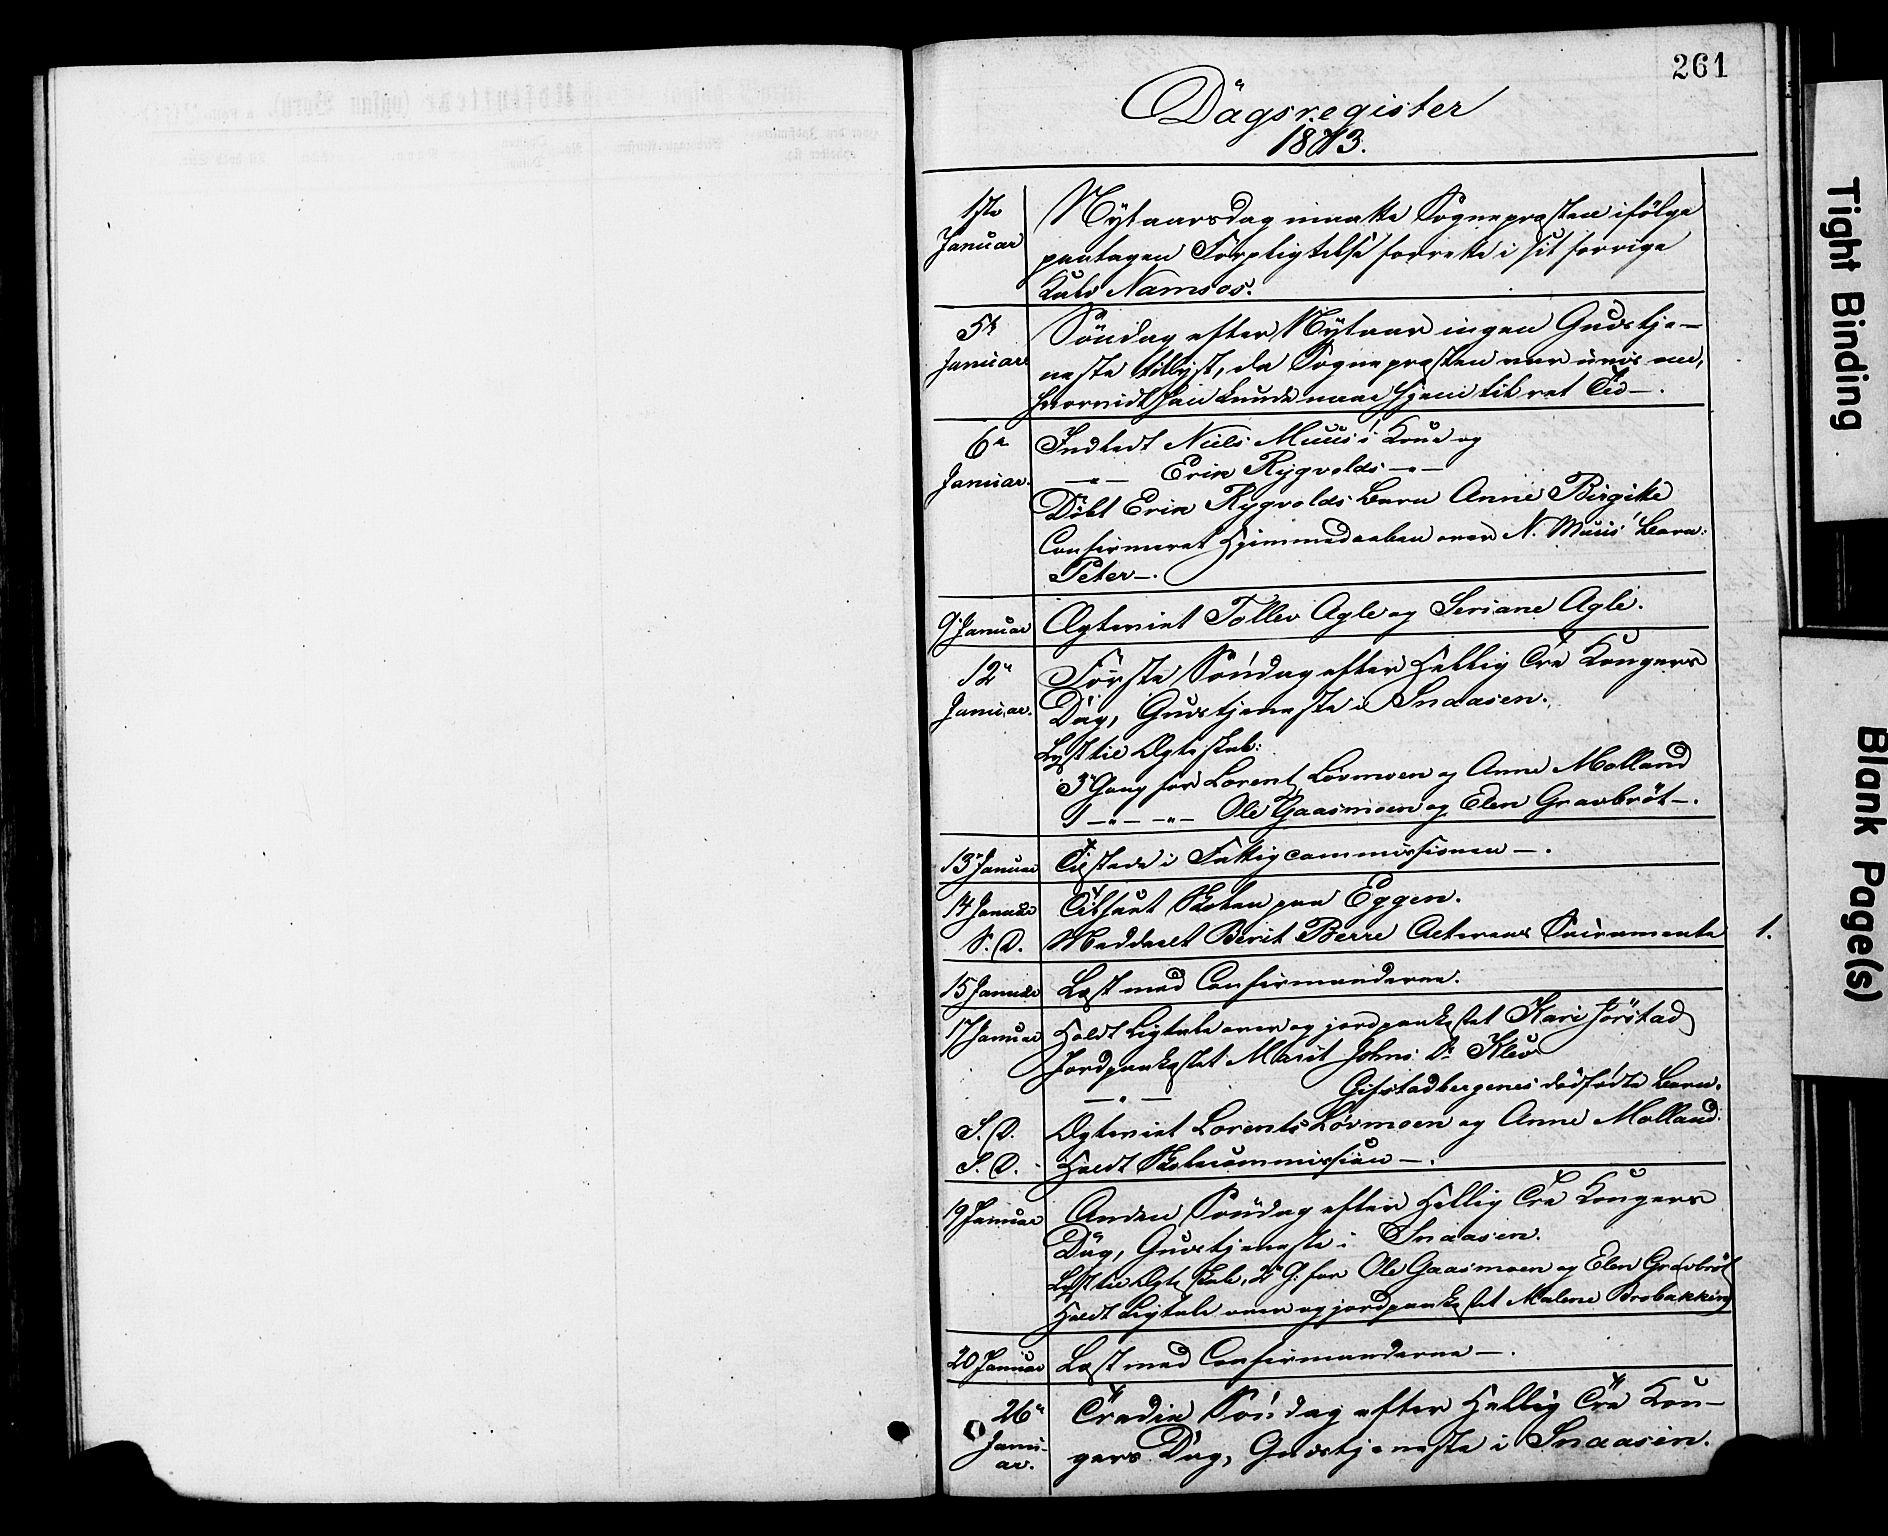 SAT, Ministerialprotokoller, klokkerbøker og fødselsregistre - Nord-Trøndelag, 749/L0473: Ministerialbok nr. 749A07, 1873-1887, s. 261